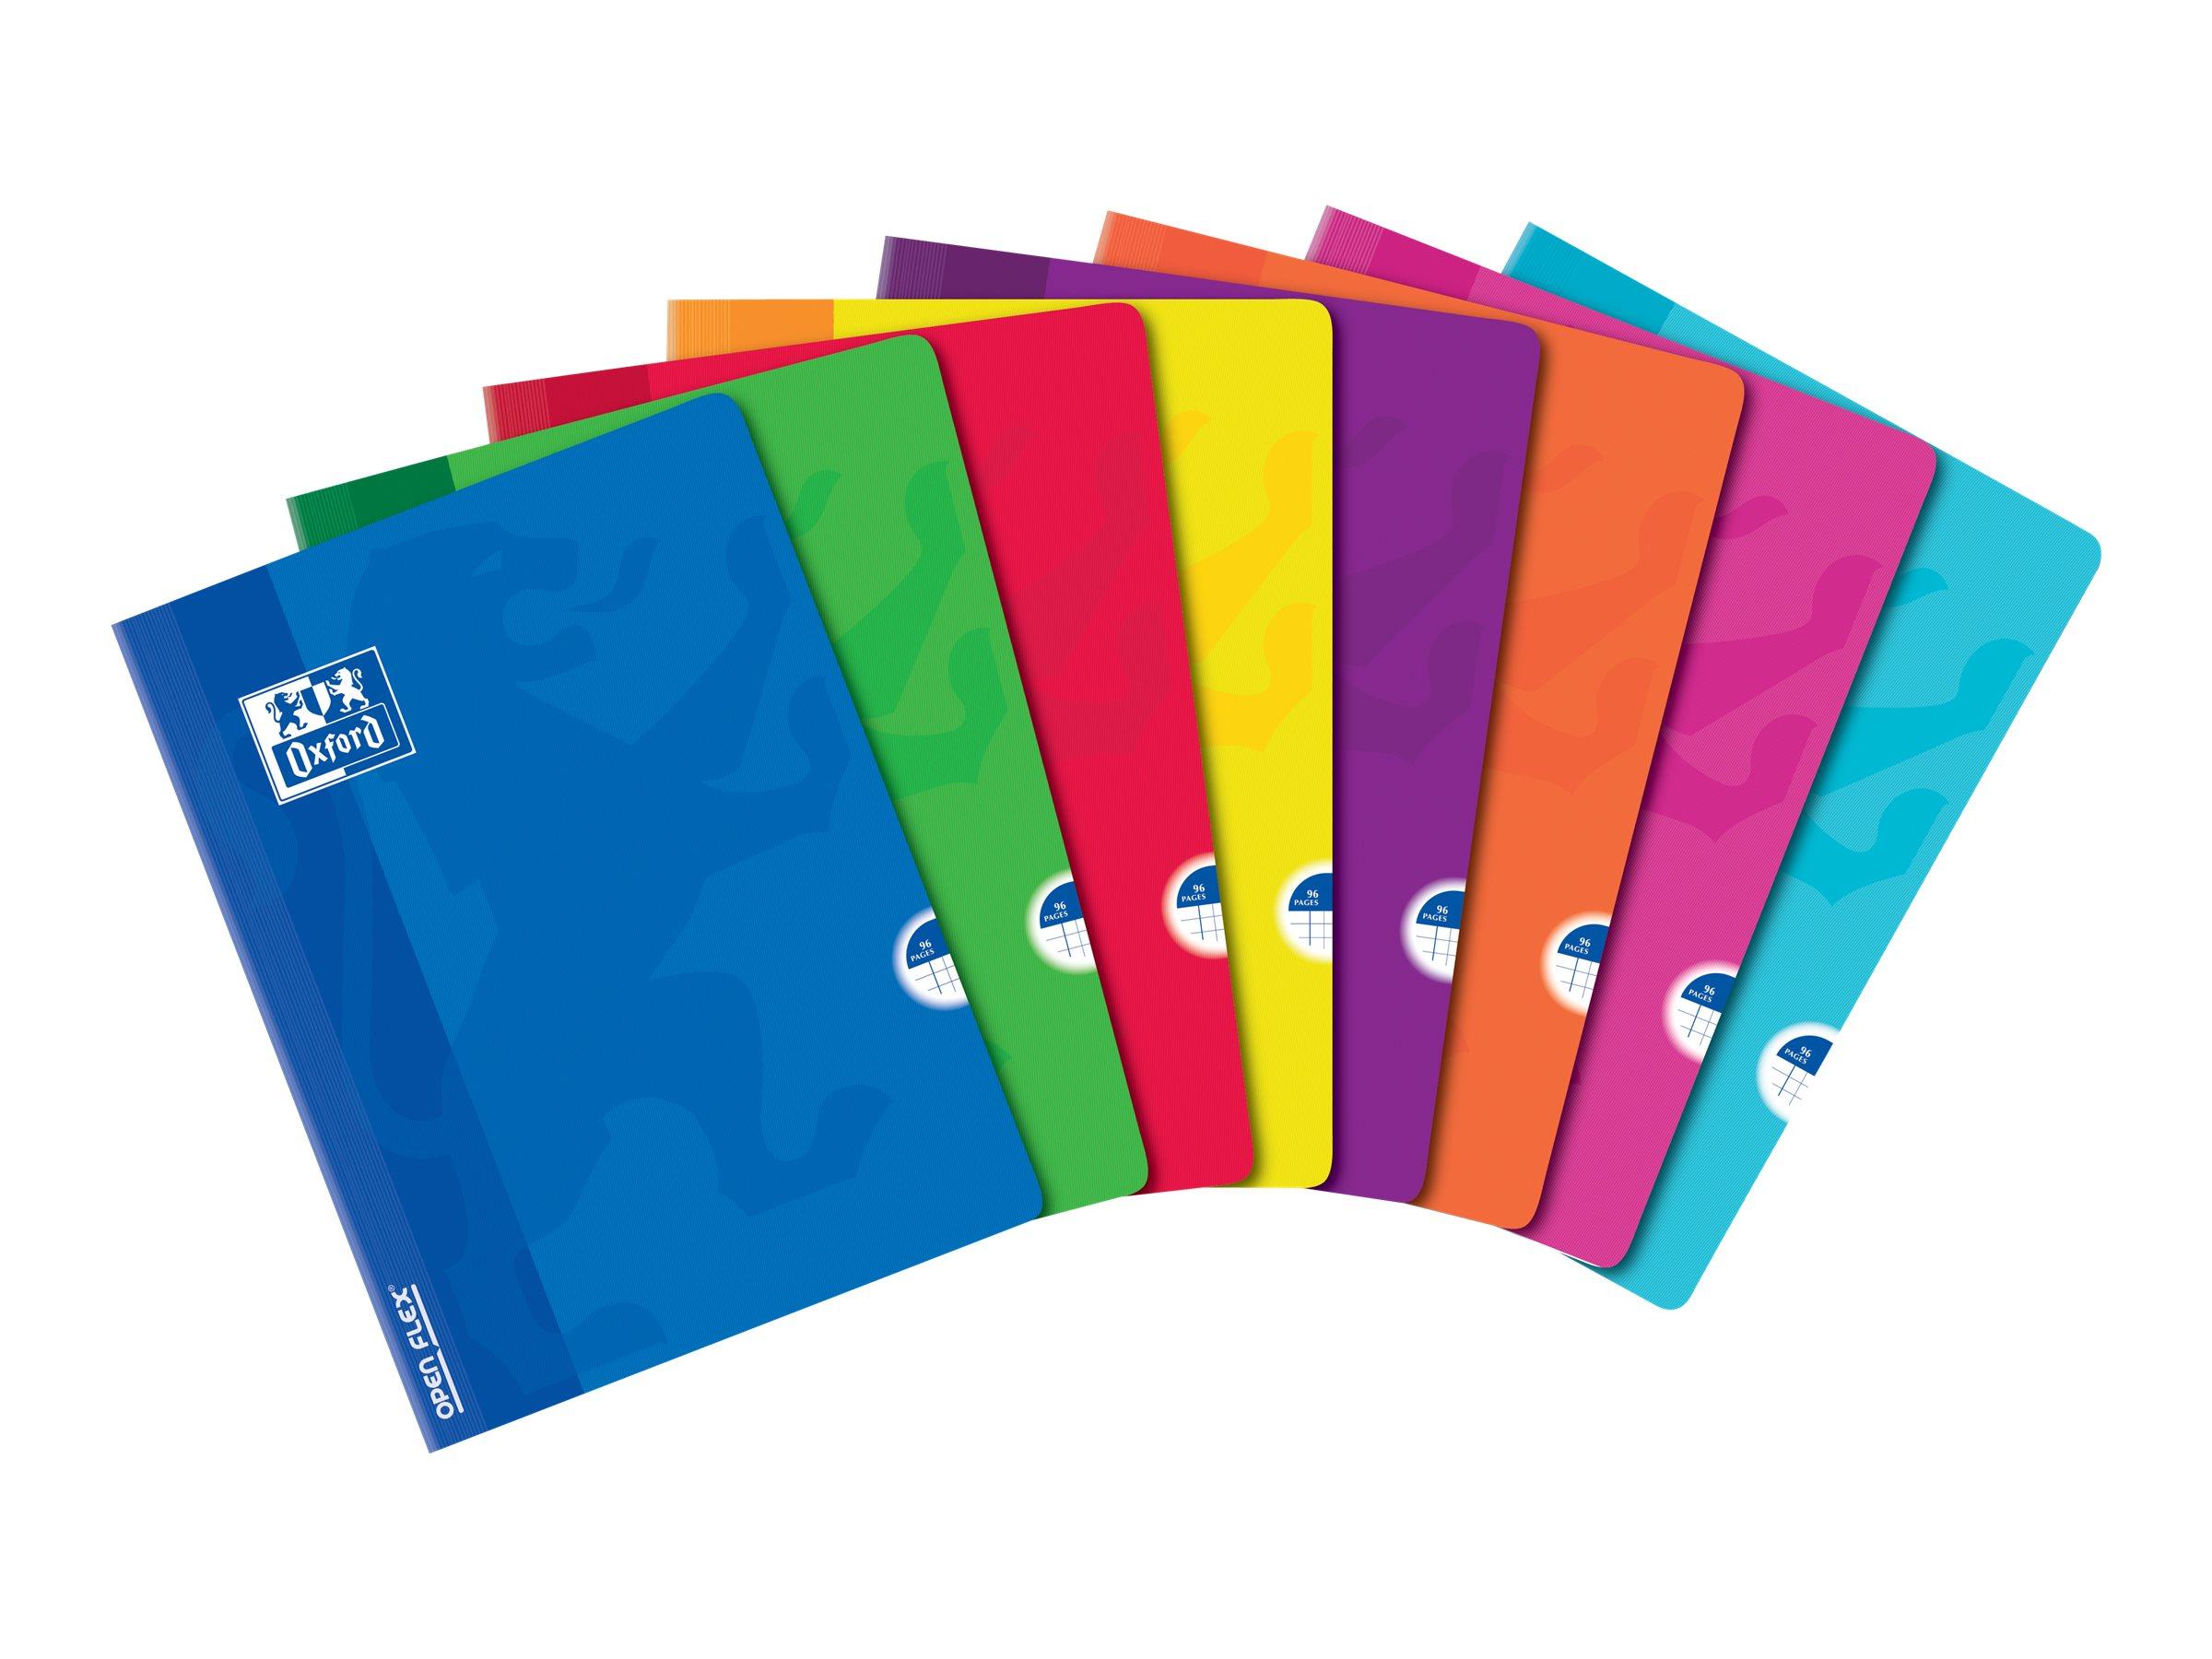 Oxford Openflex - Cahier polypro 24 x 32 cm - 96 pages - petits carreaux (5x5 mm) - disponible dans différentes couleurs